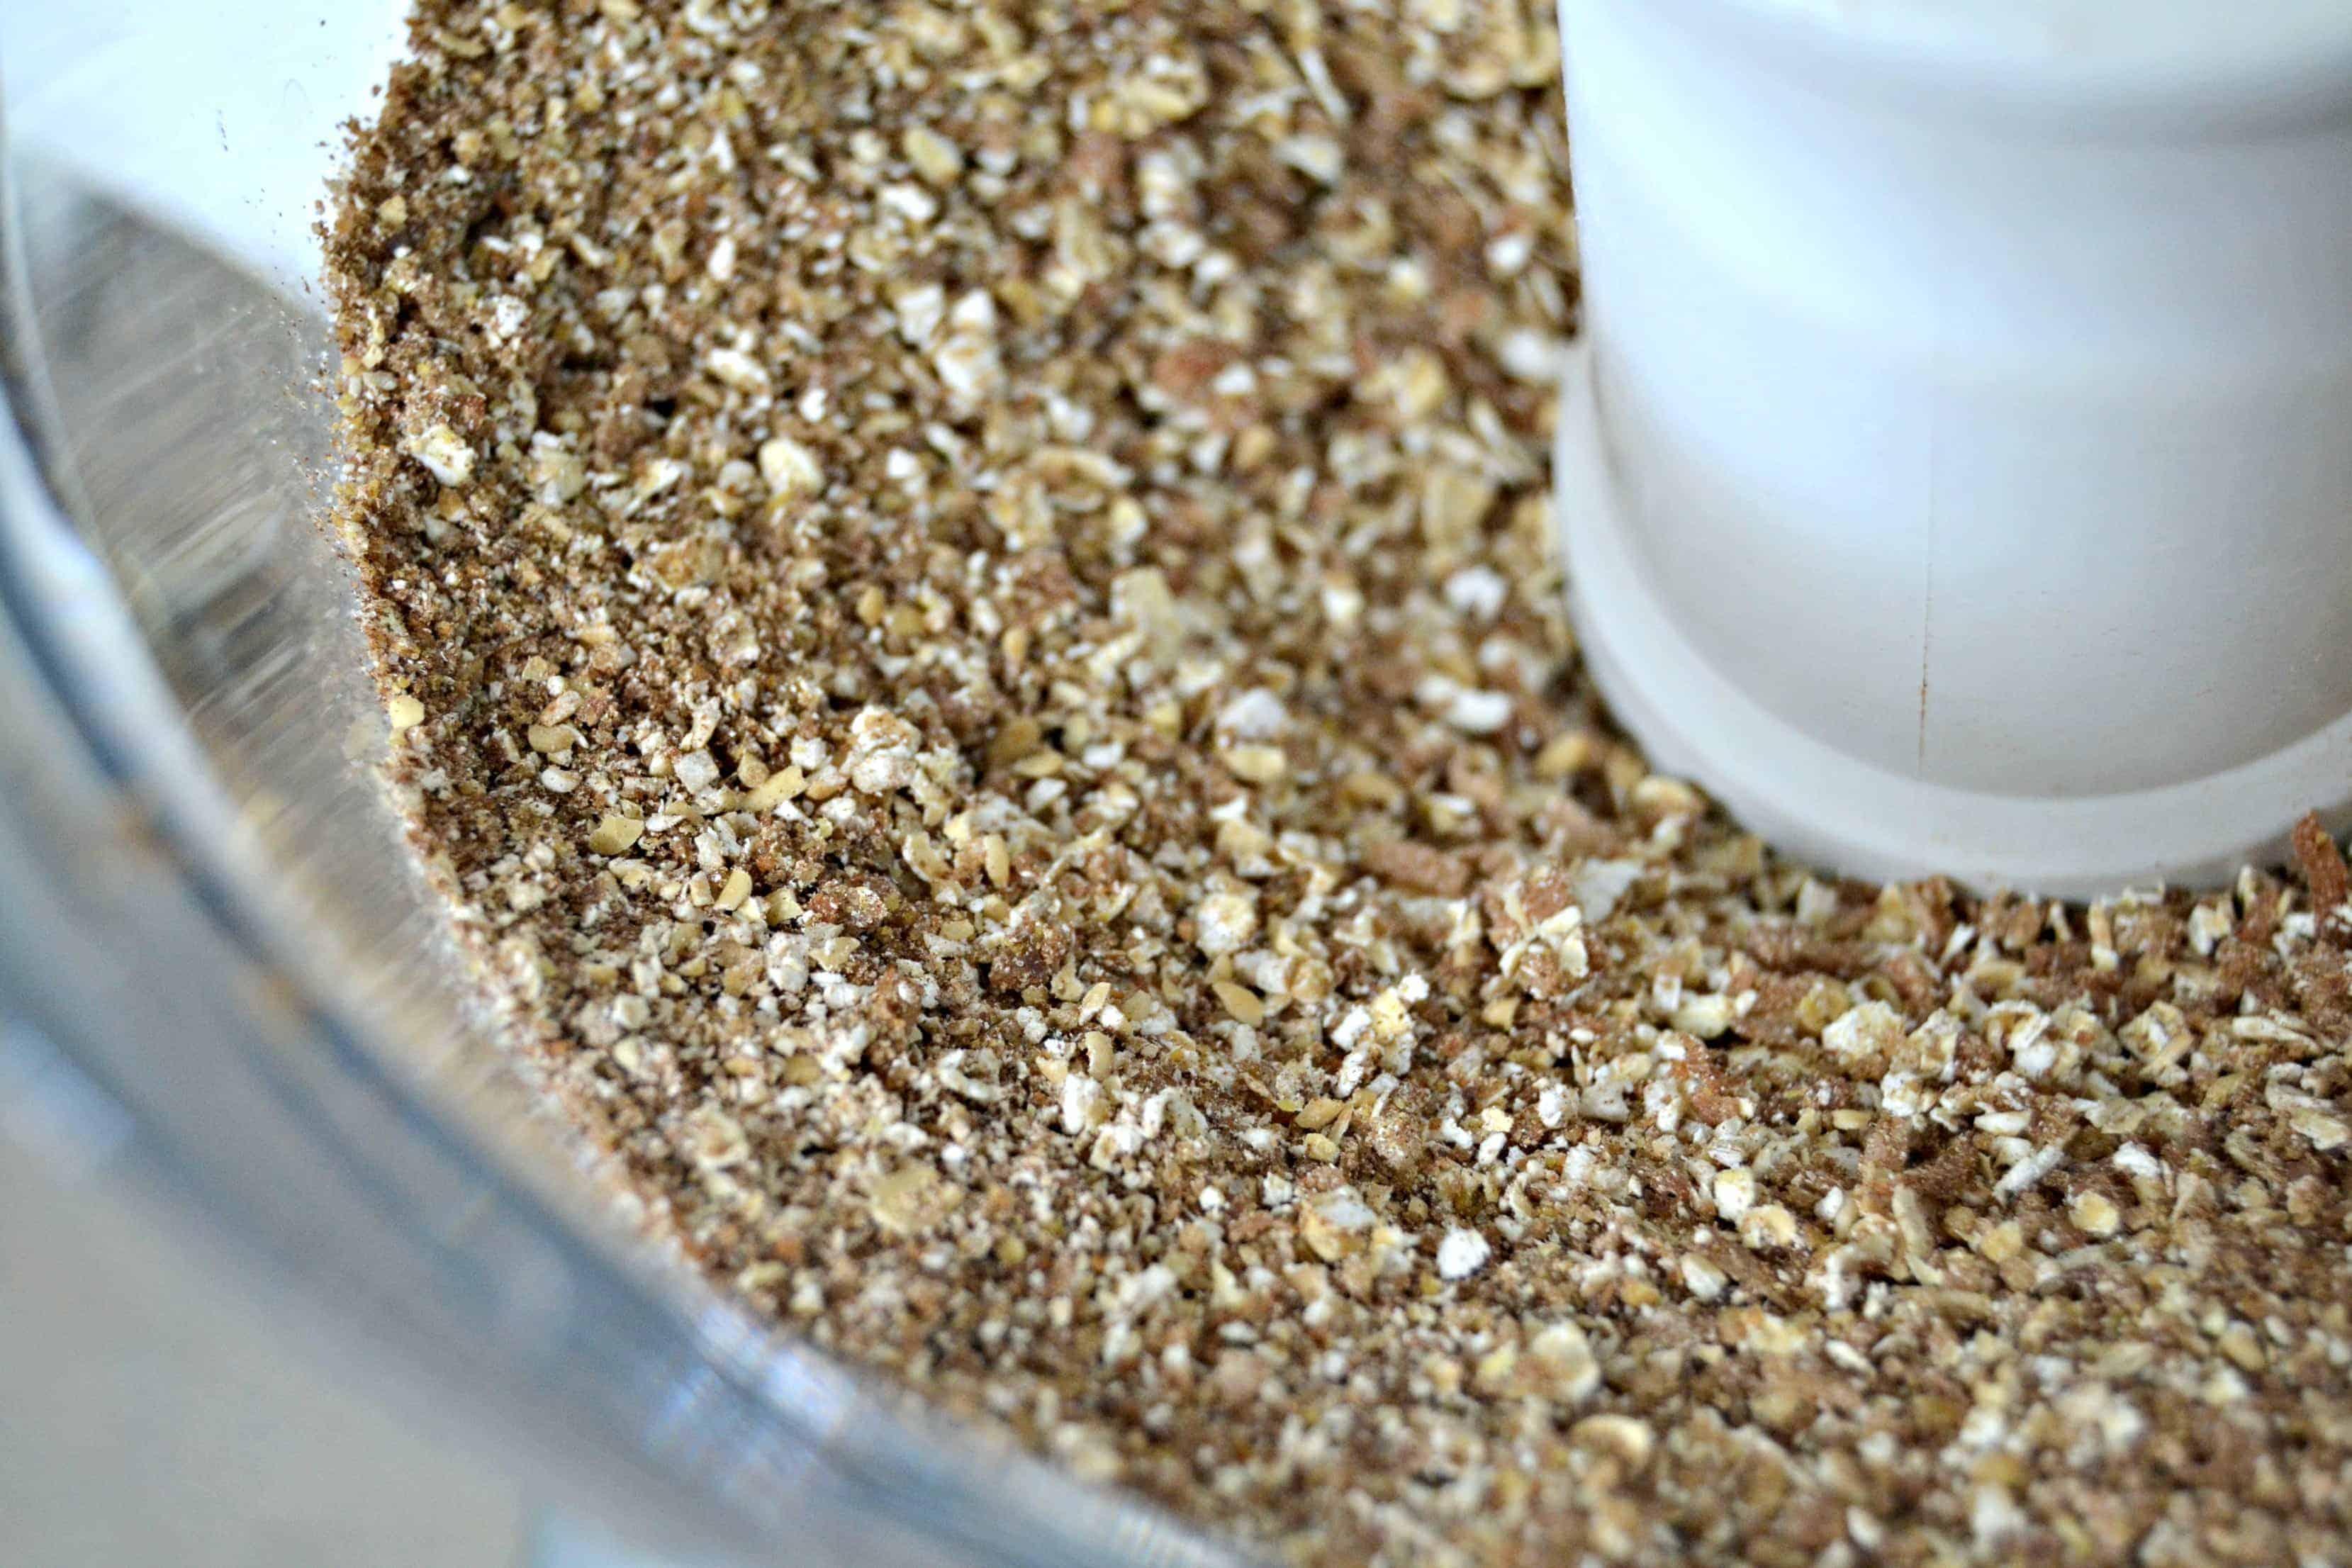 gluten-free cracklin' oat bran homemade